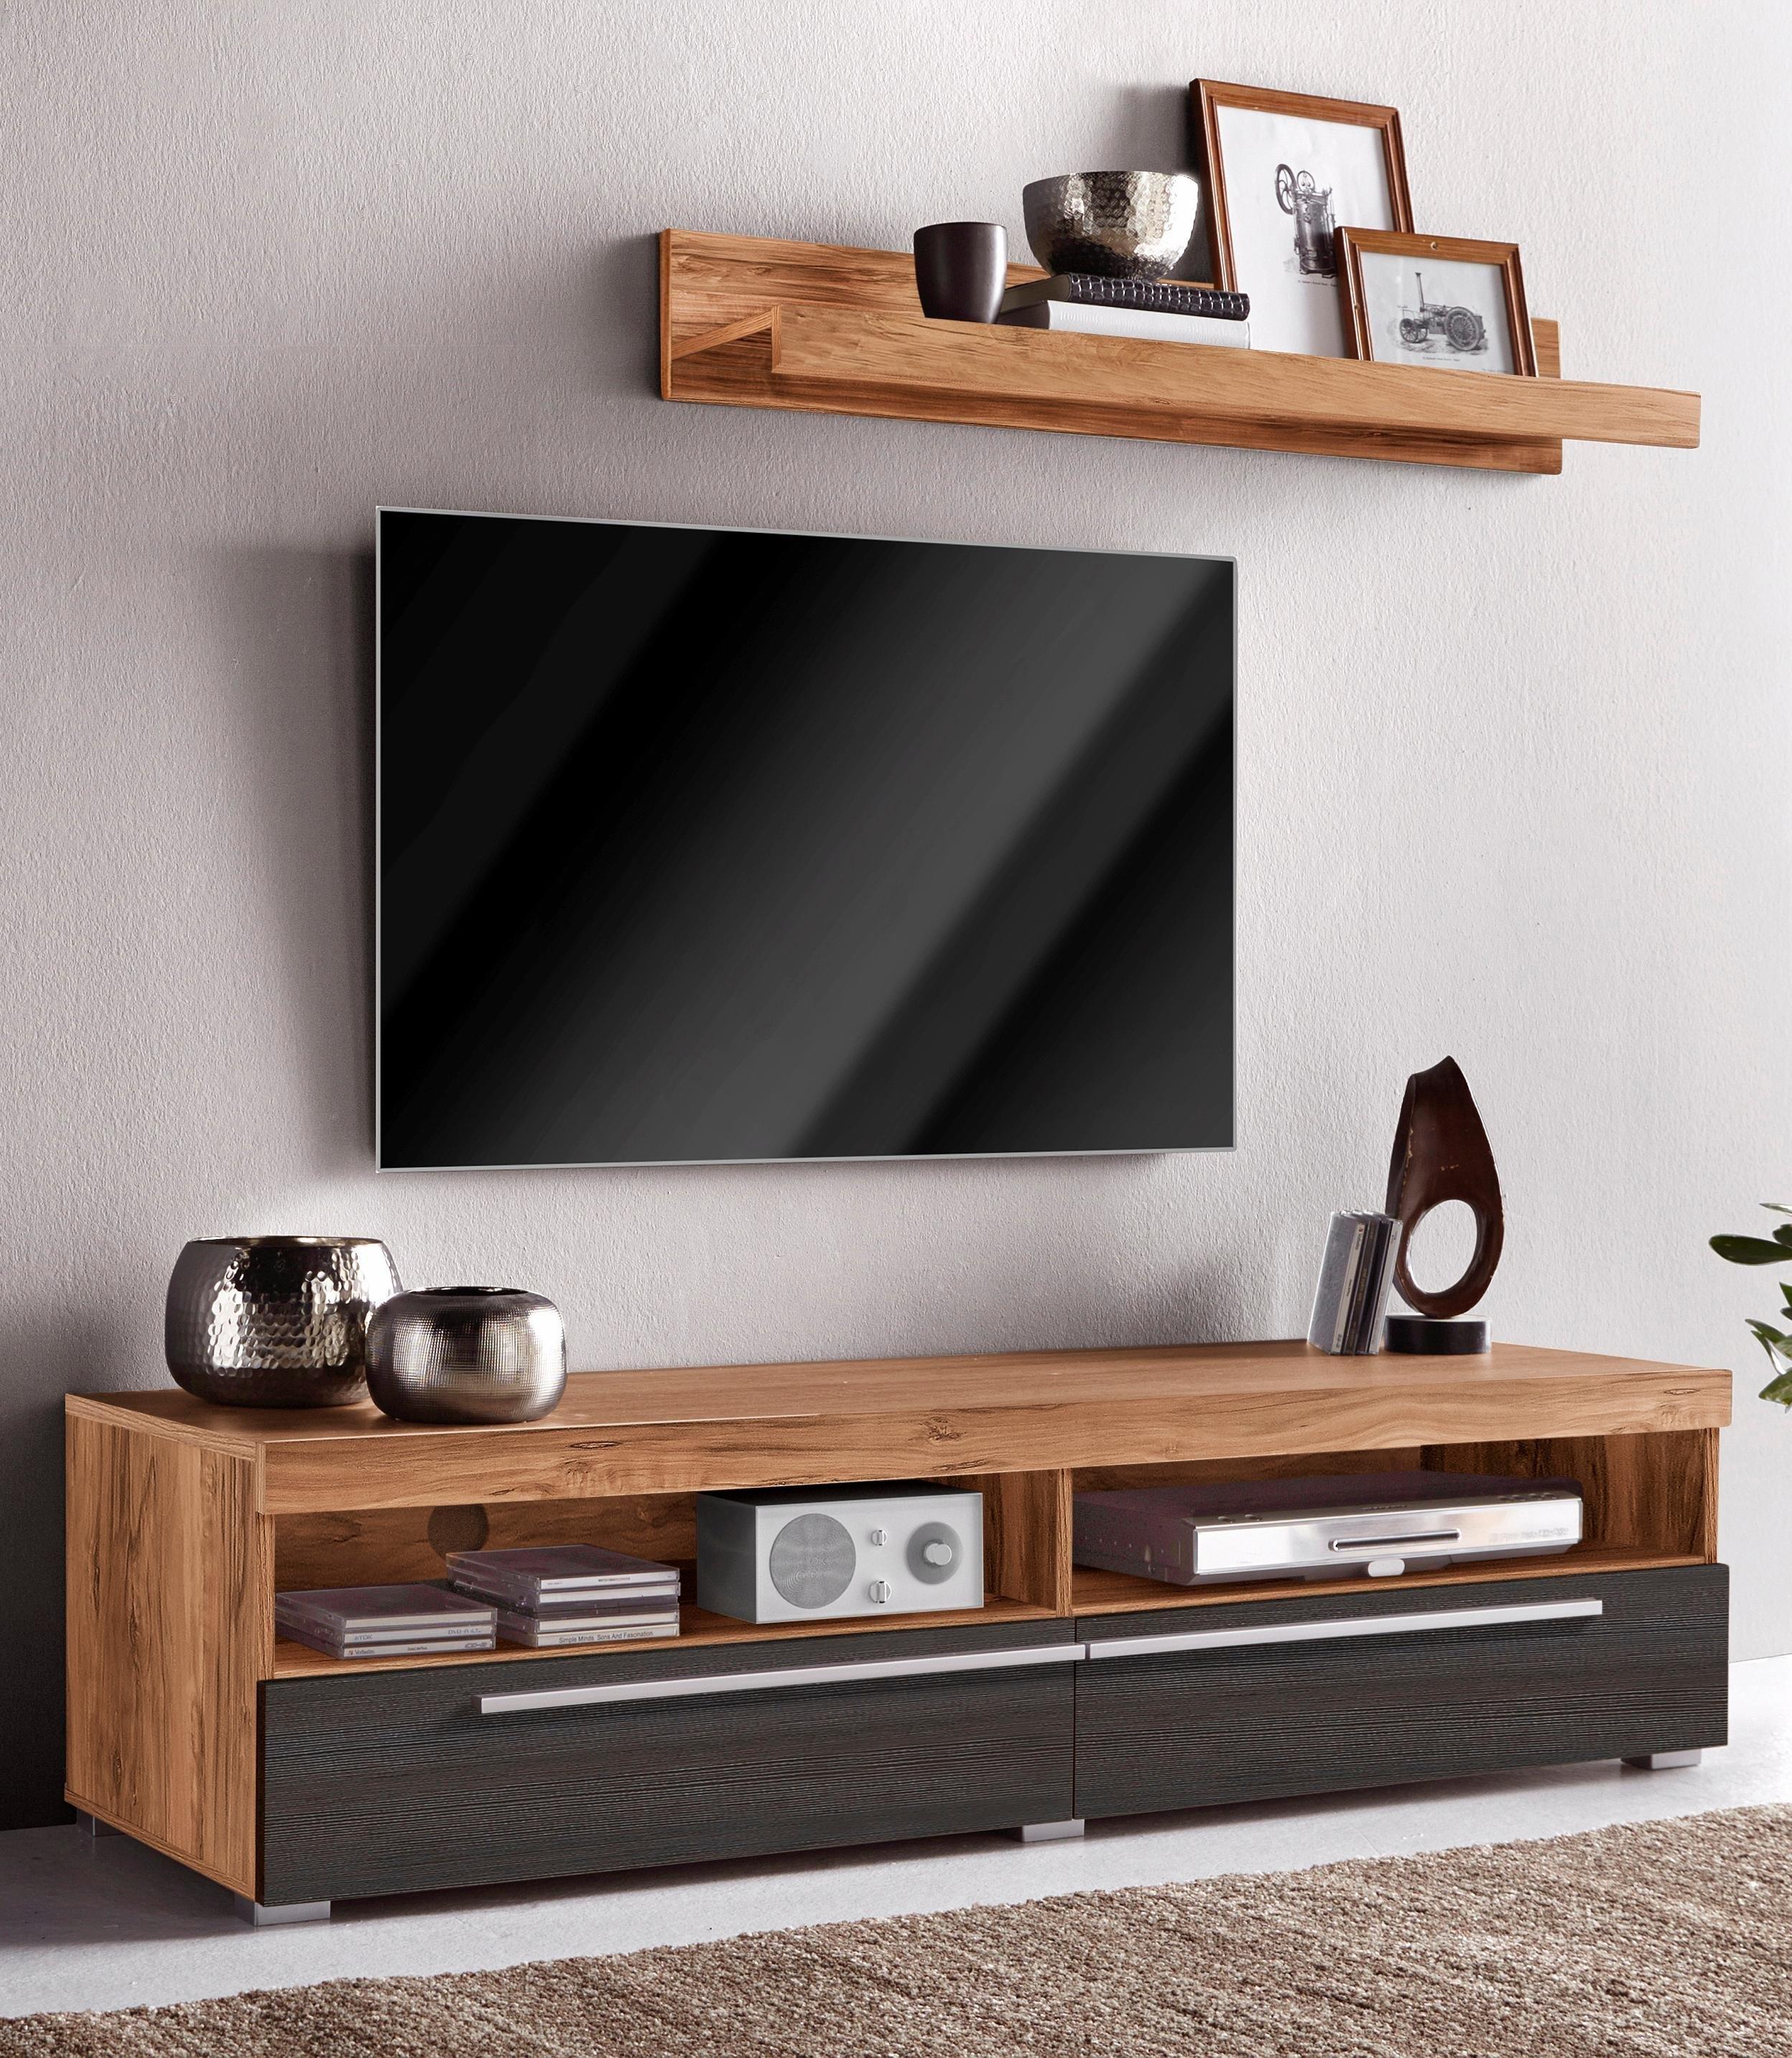 Trendmanufaktur TV-meubel met wandrek, breedte 140 cm in de webshop van OTTO kopen